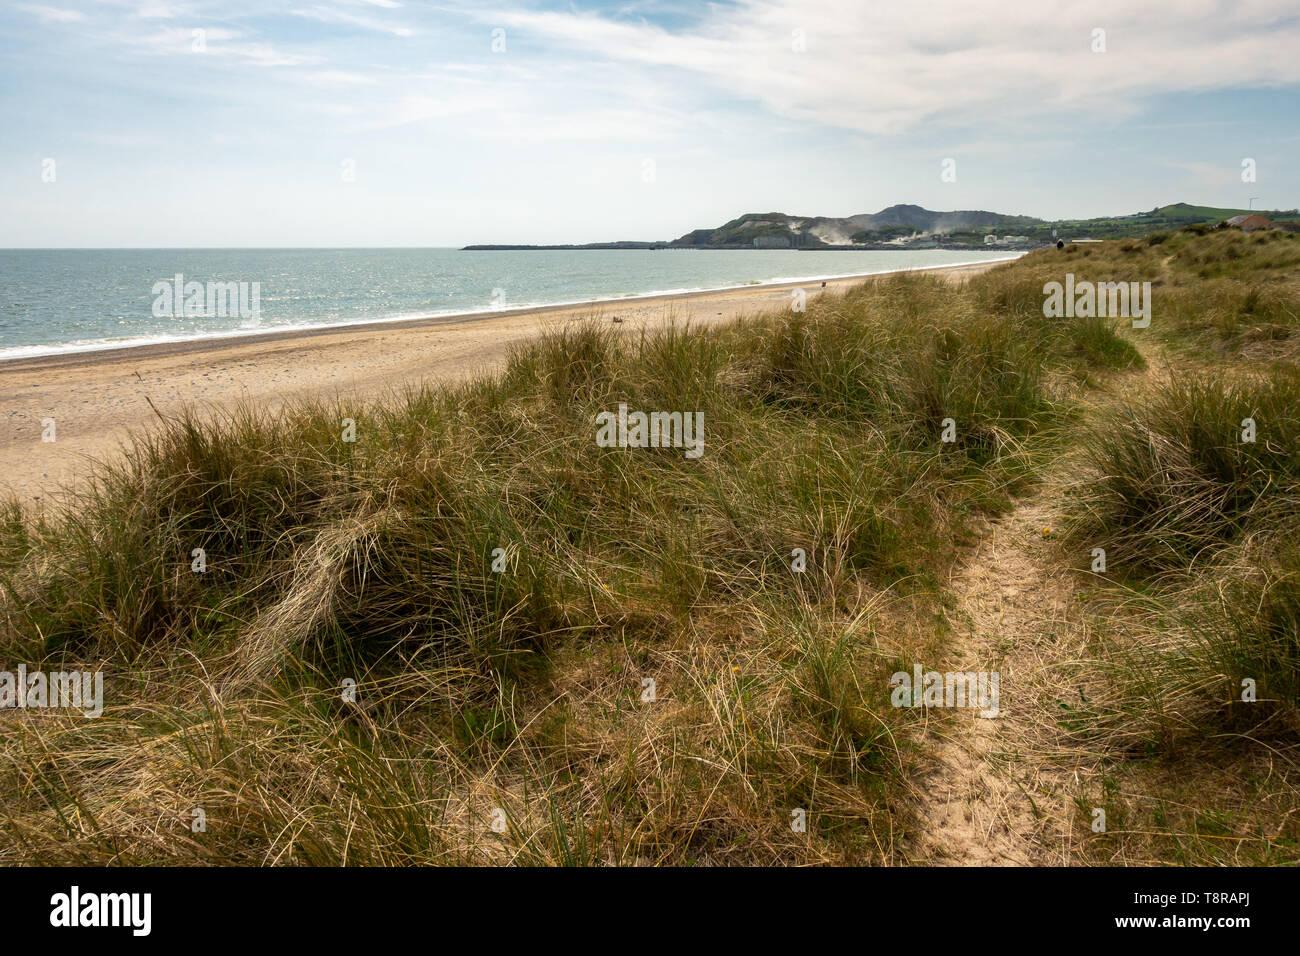 Arklow coastline in Ireland - Stock Image